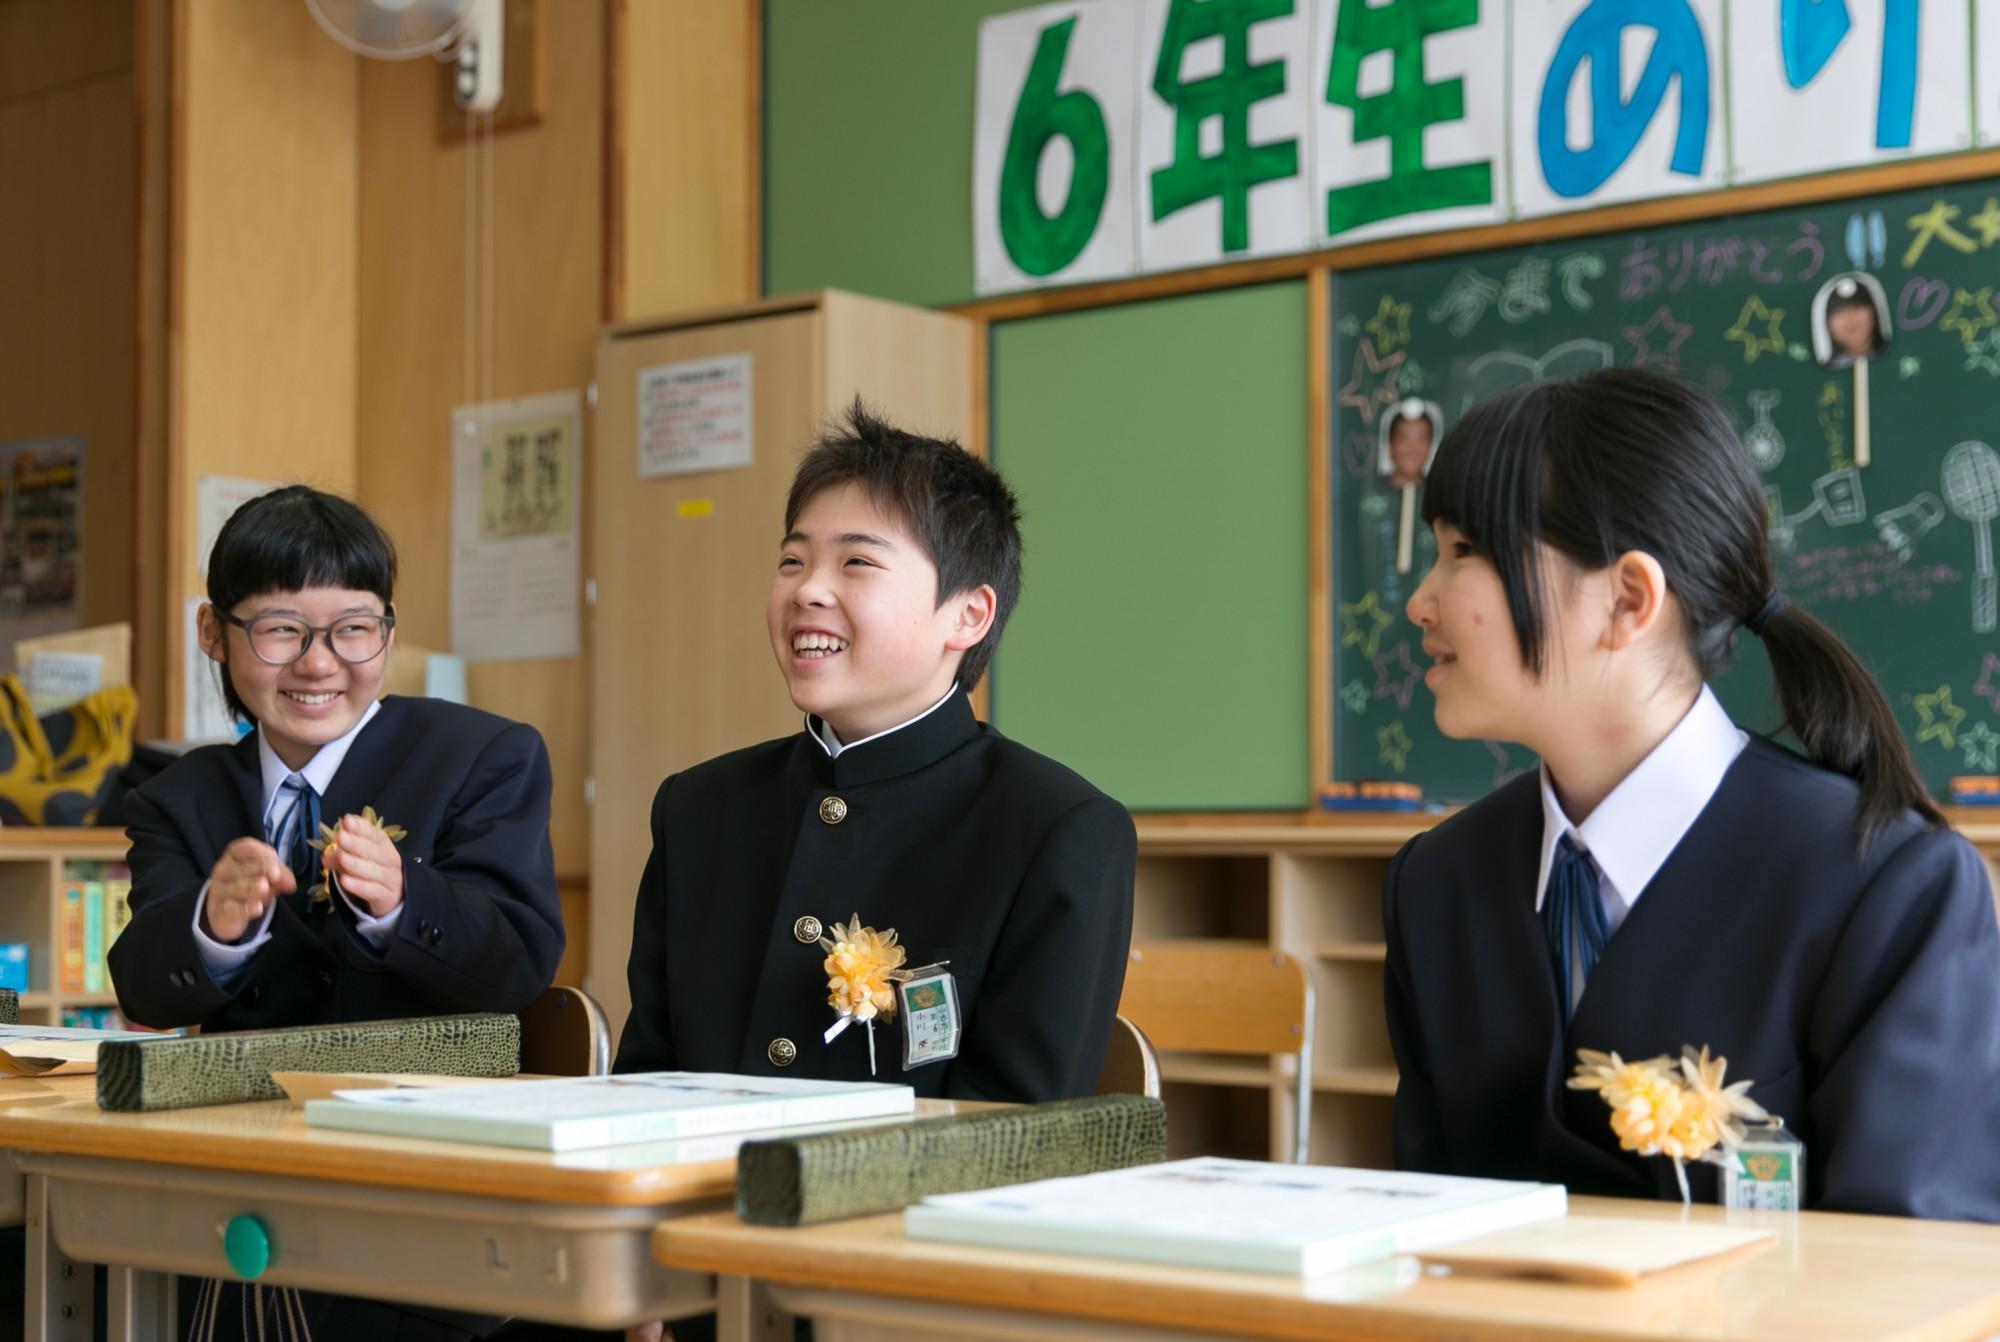 04教室の3人